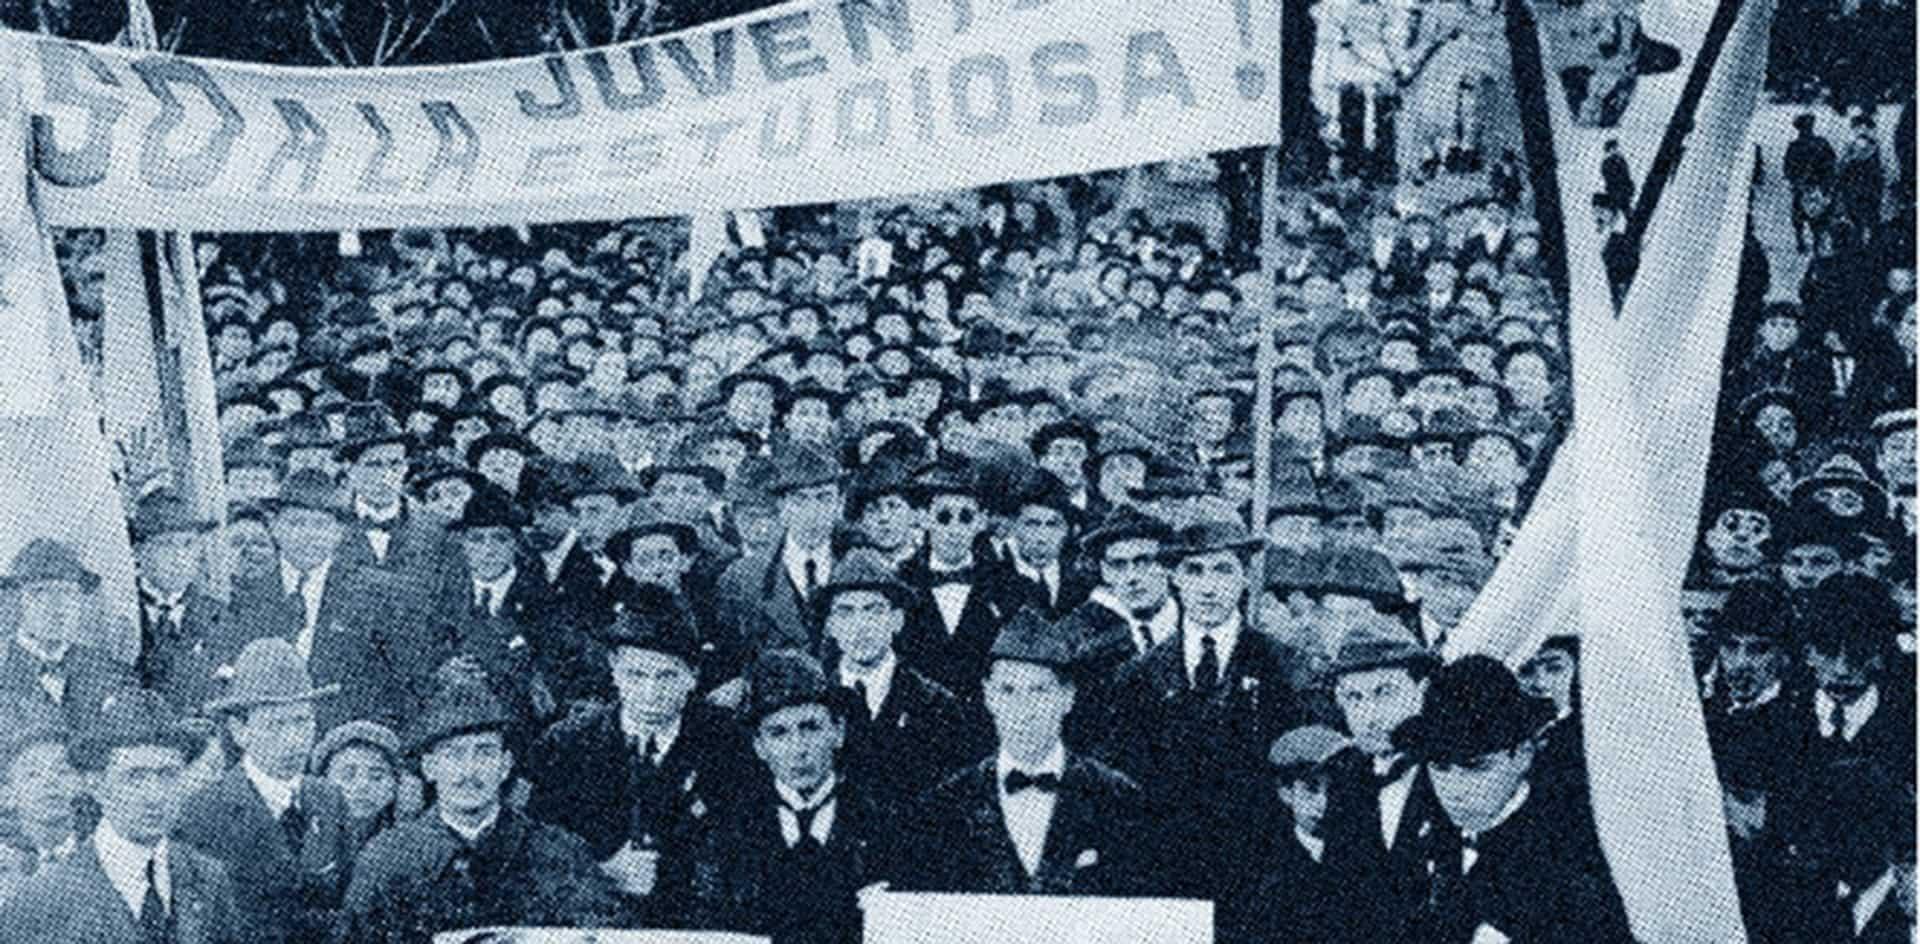 Reflexiones en el centenario de la Reforma Universitaria